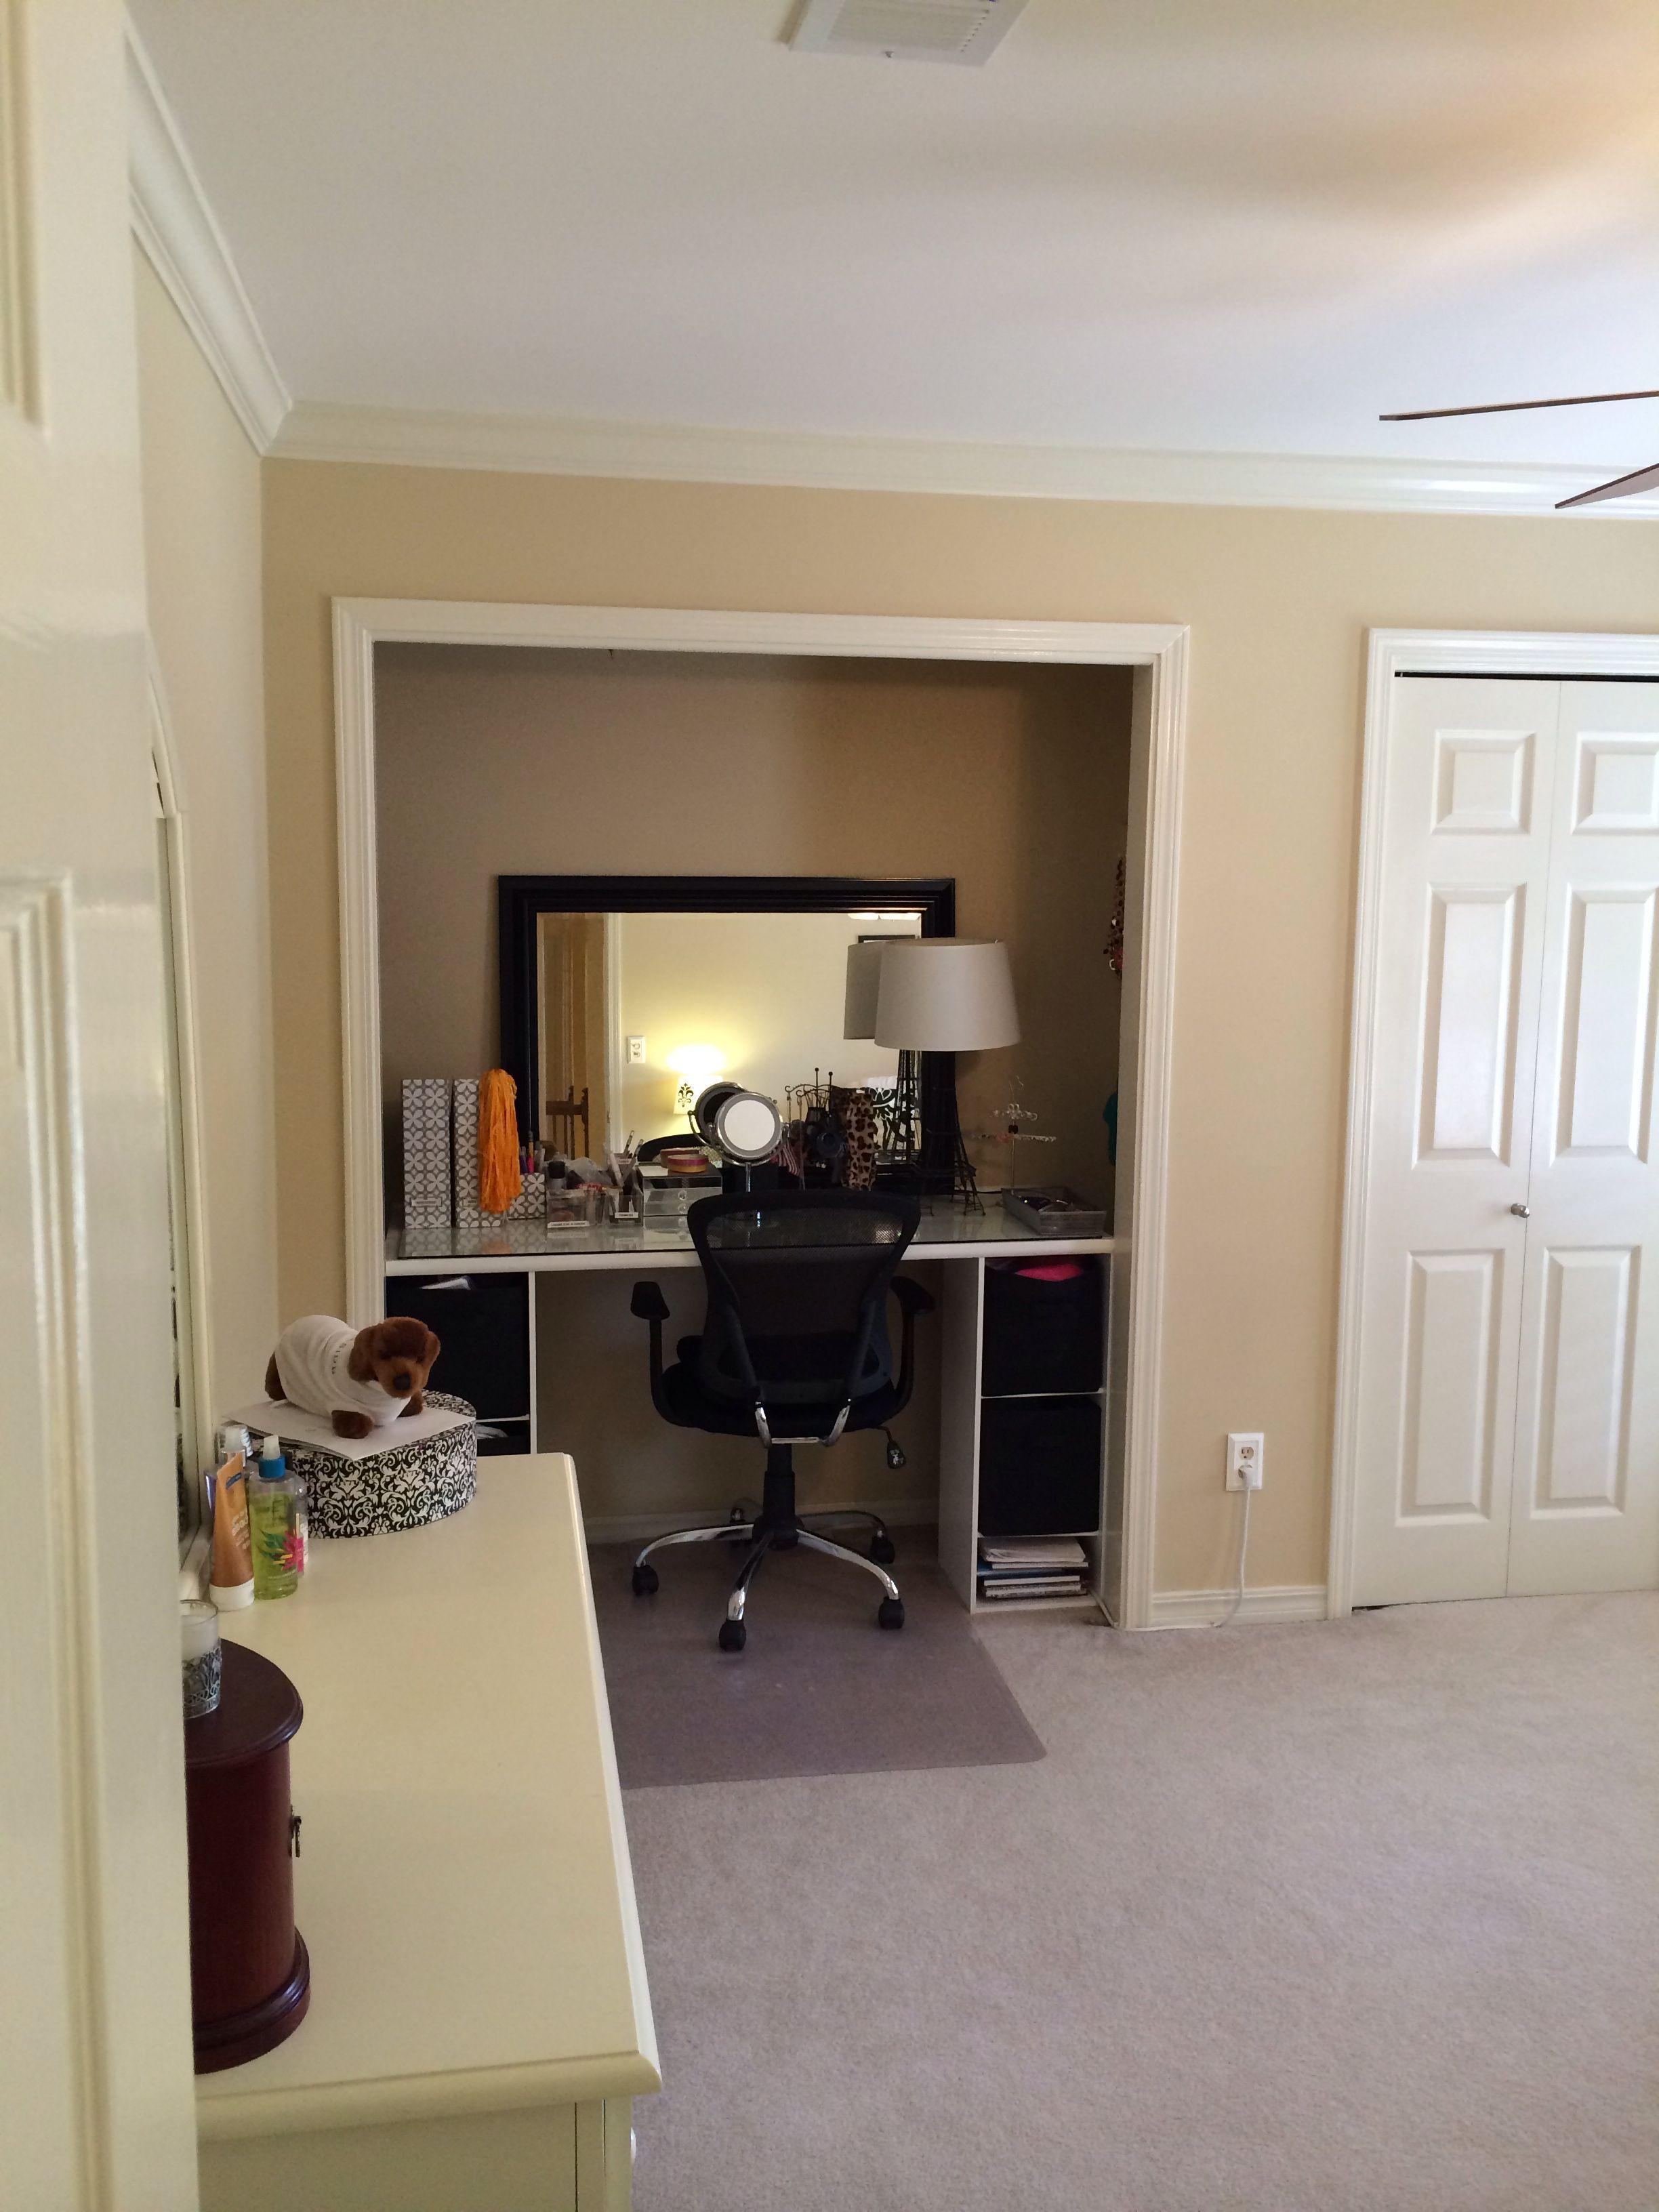 Cool closet desk idea! Home decor, Closet desk, Home